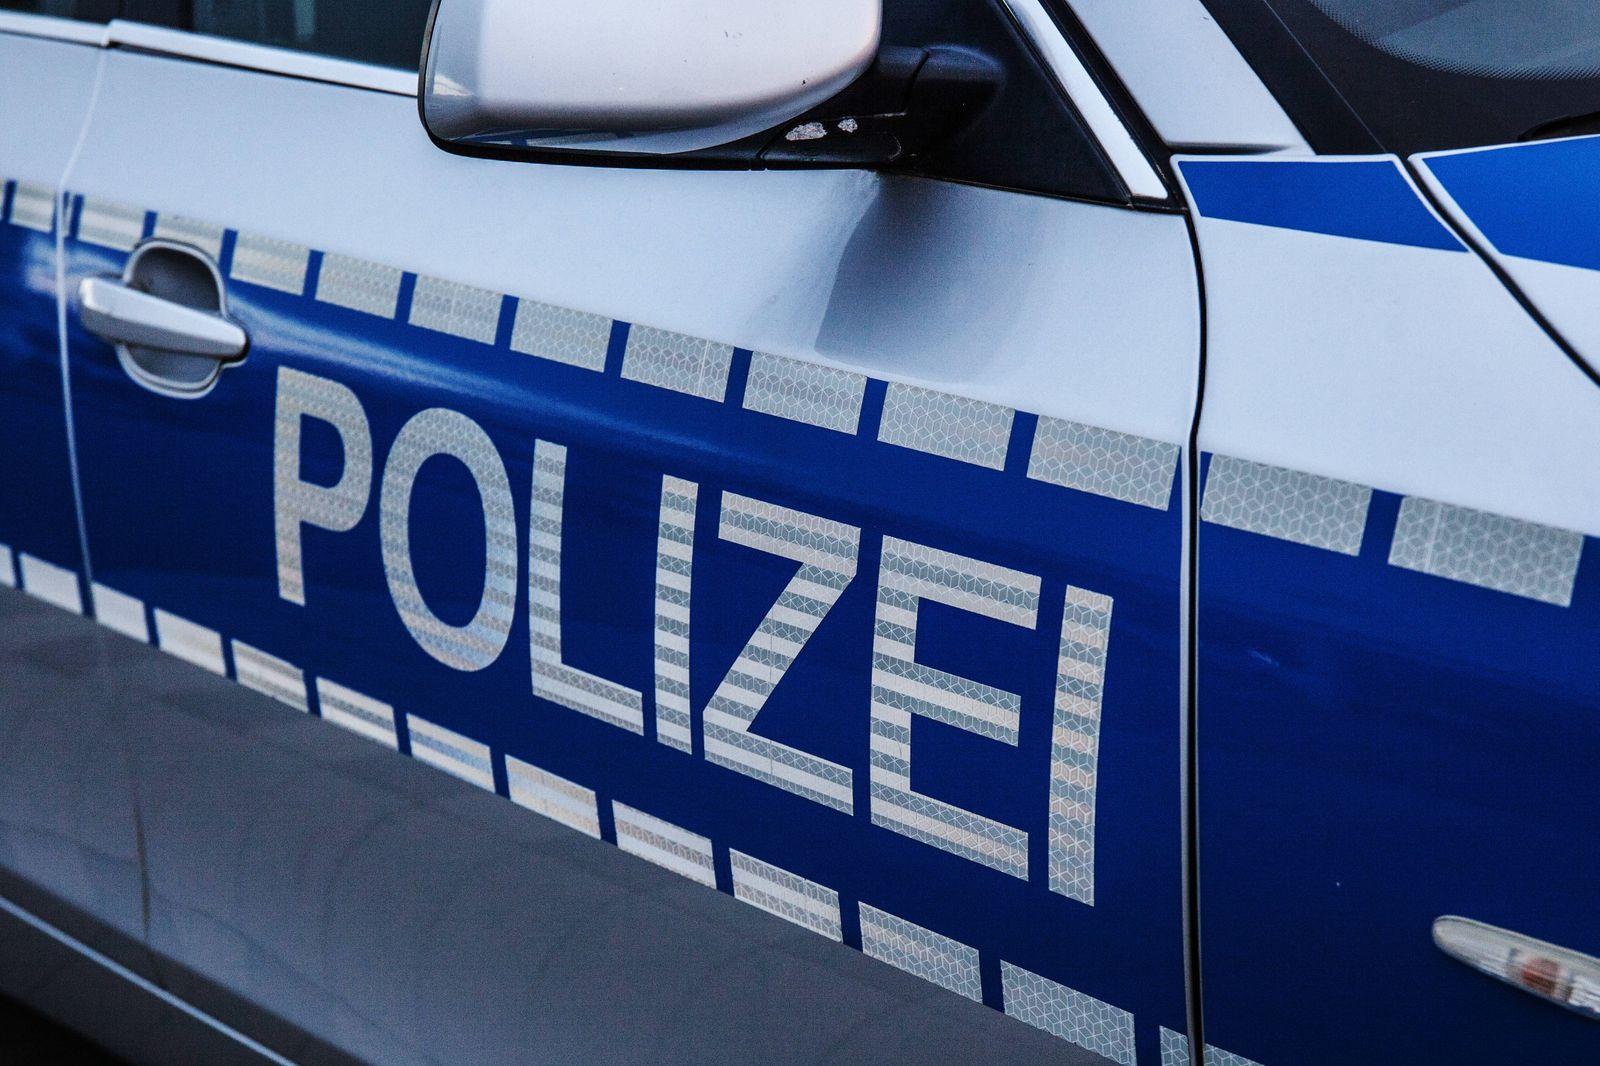 Bamberg, Deutschland 24. Mai 2021: Ein Einsatzfahrzeug der Polizei mit Schriftzug. Bayern *** Bamberg, Germany 24 May 20